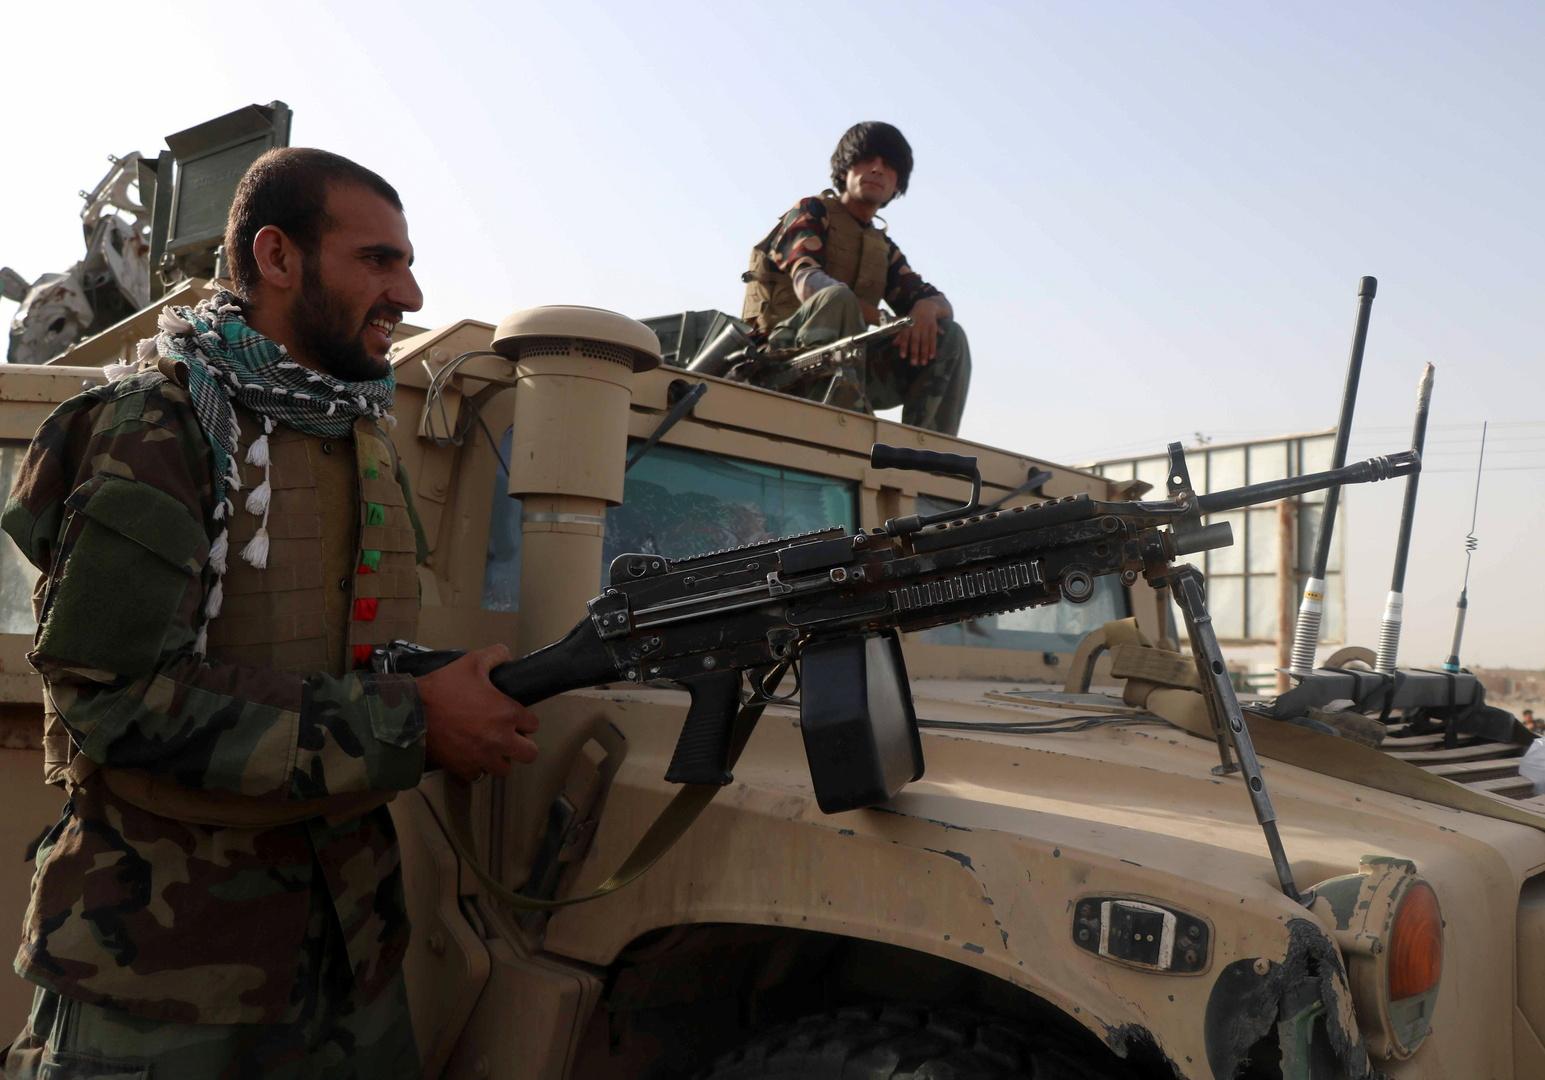 القوات الأفغانية تستعيد السيطرة على منطقة غربي البلاد ومقتل وإصابة العشرات من